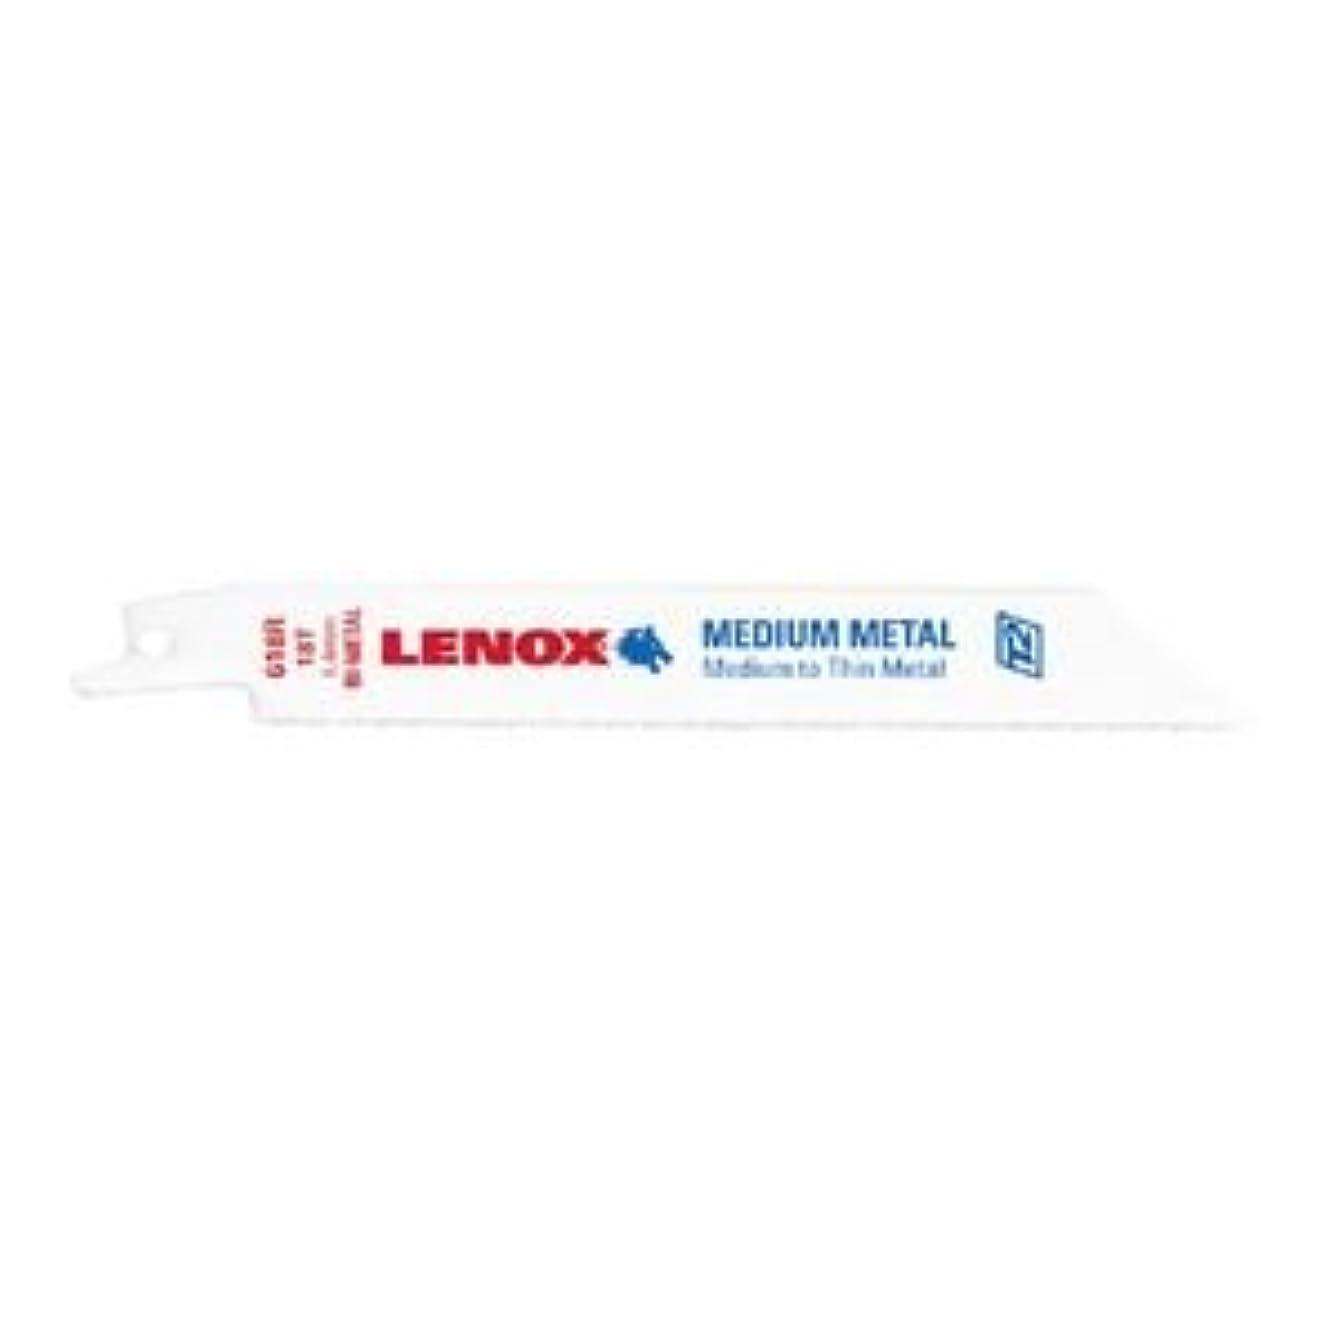 試す阻害する運河LENOX(レノックス) 20566618R セーバーソーブレード 150X18T(5マイ)